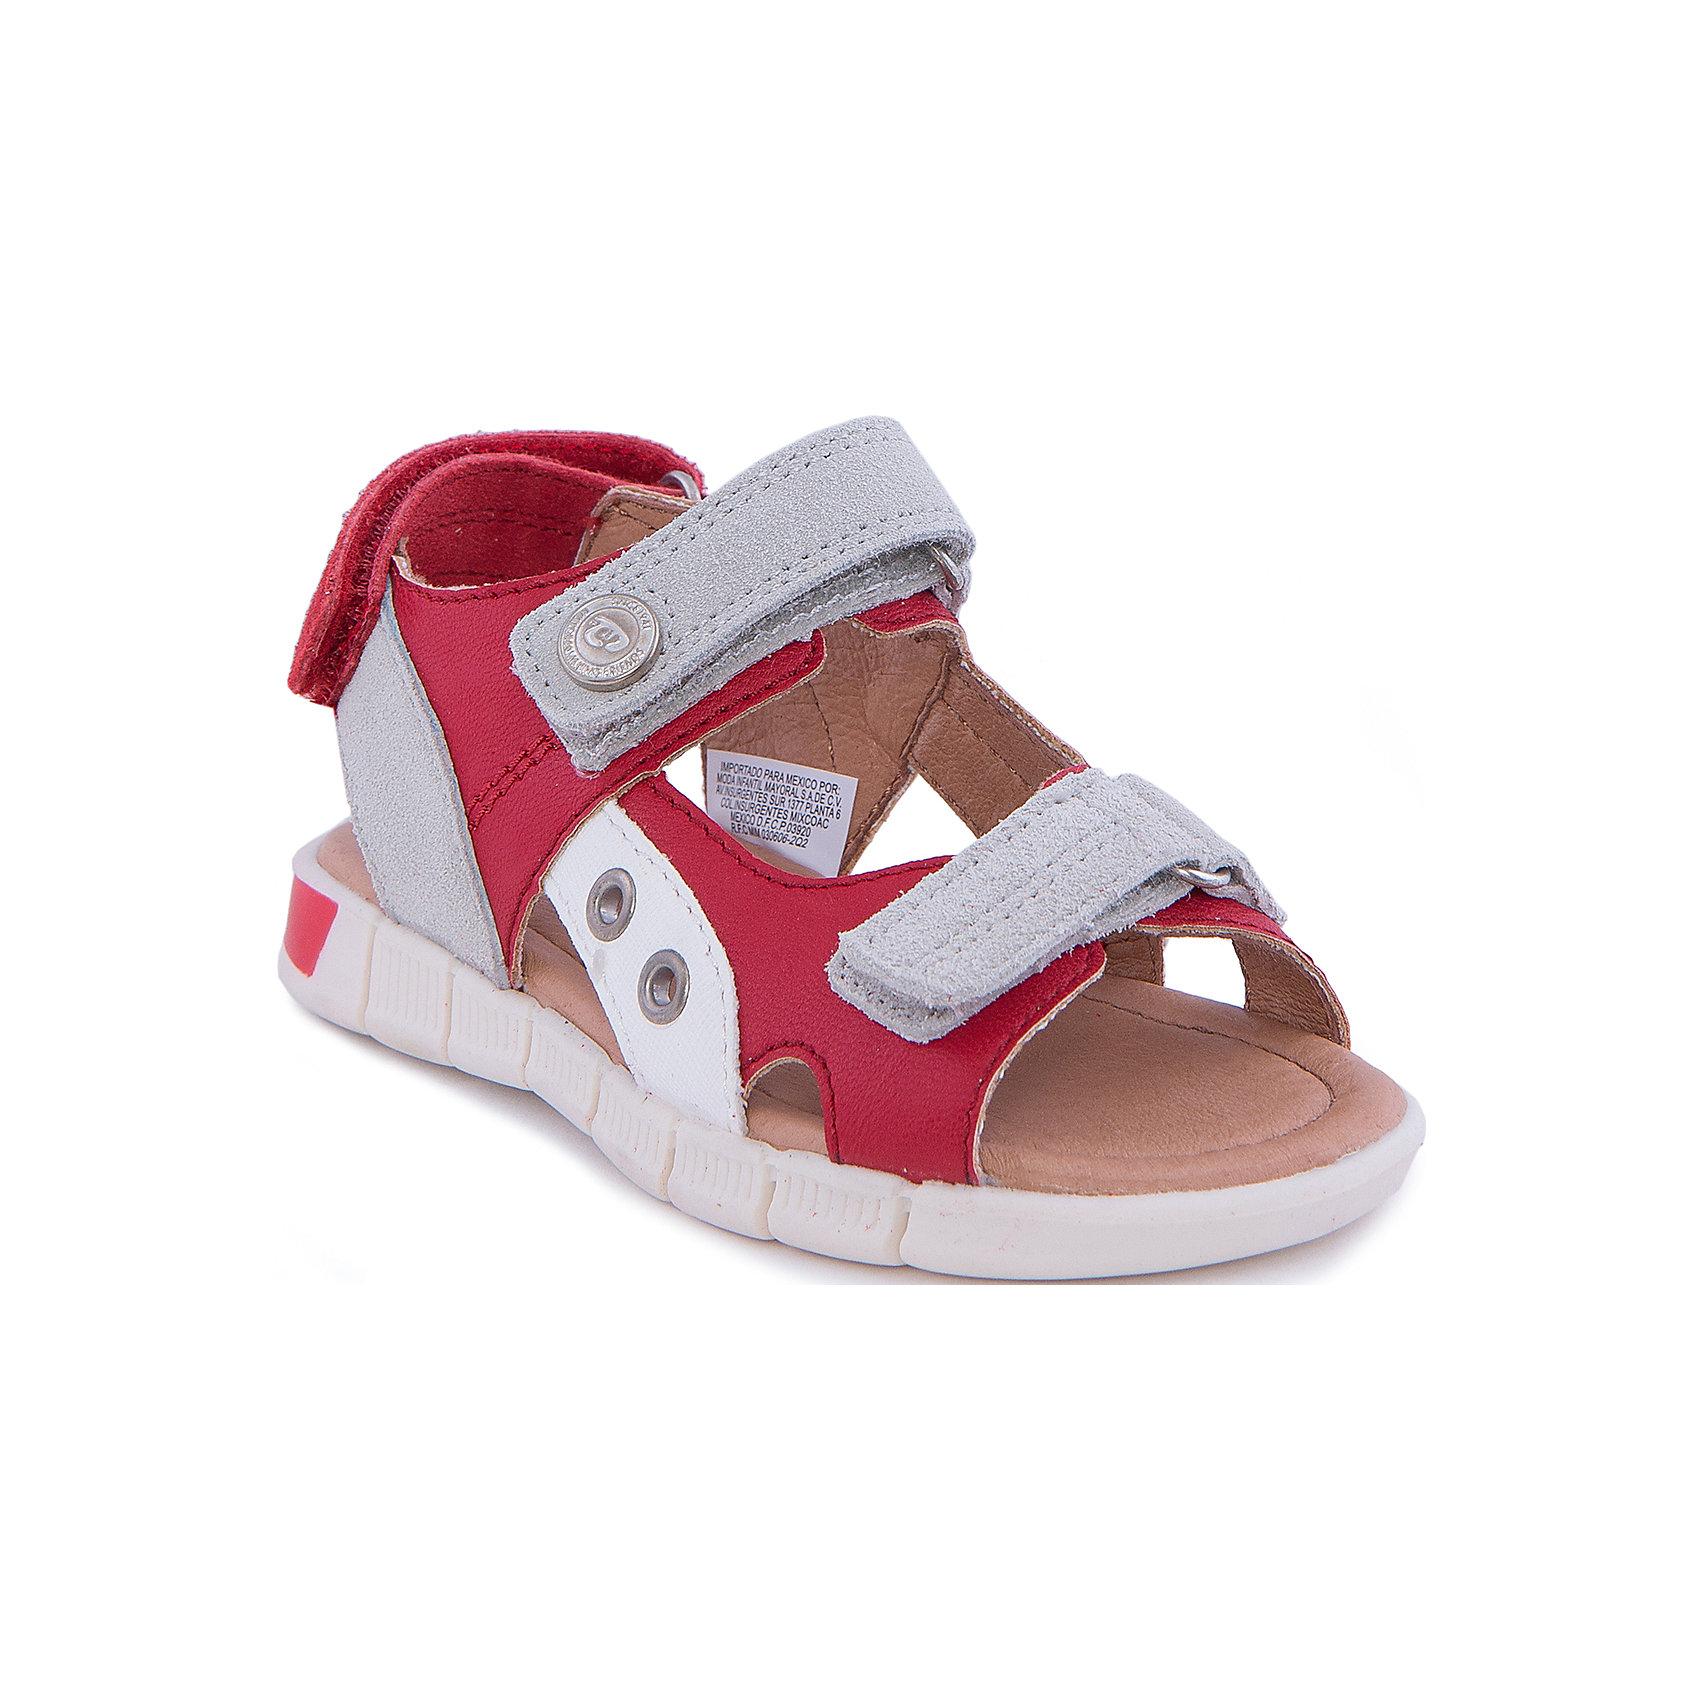 Сандалии MayoralСандалии<br>Сандалии от известной испанской марки Mayoral - прекрасный вариант для жаркой погоды или же сменной обуви. <br><br>Дополнительная информация:<br><br>- Рифленая антискользящая подошва. <br>- Застегиваются на липучки. <br>- Яркие кожаные вставки.<br>- Декорированы металлической кнопкой. <br>- Состав: материал верха - 50 % натуральная кожа, 50 % полиуретан; подкладка, стелька - 100% кожа; подошва - 100% полиуретан.<br><br>Сандалии Mayoral (Майорал) можно купить в нашем магазине.<br><br>Ширина мм: 219<br>Глубина мм: 154<br>Высота мм: 121<br>Вес г: 343<br>Цвет: красный<br>Возраст от месяцев: 120<br>Возраст до месяцев: 132<br>Пол: Унисекс<br>Возраст: Детский<br>Размер: 34,27,32,26,28,29,30,35,33,31<br>SKU: 4540182